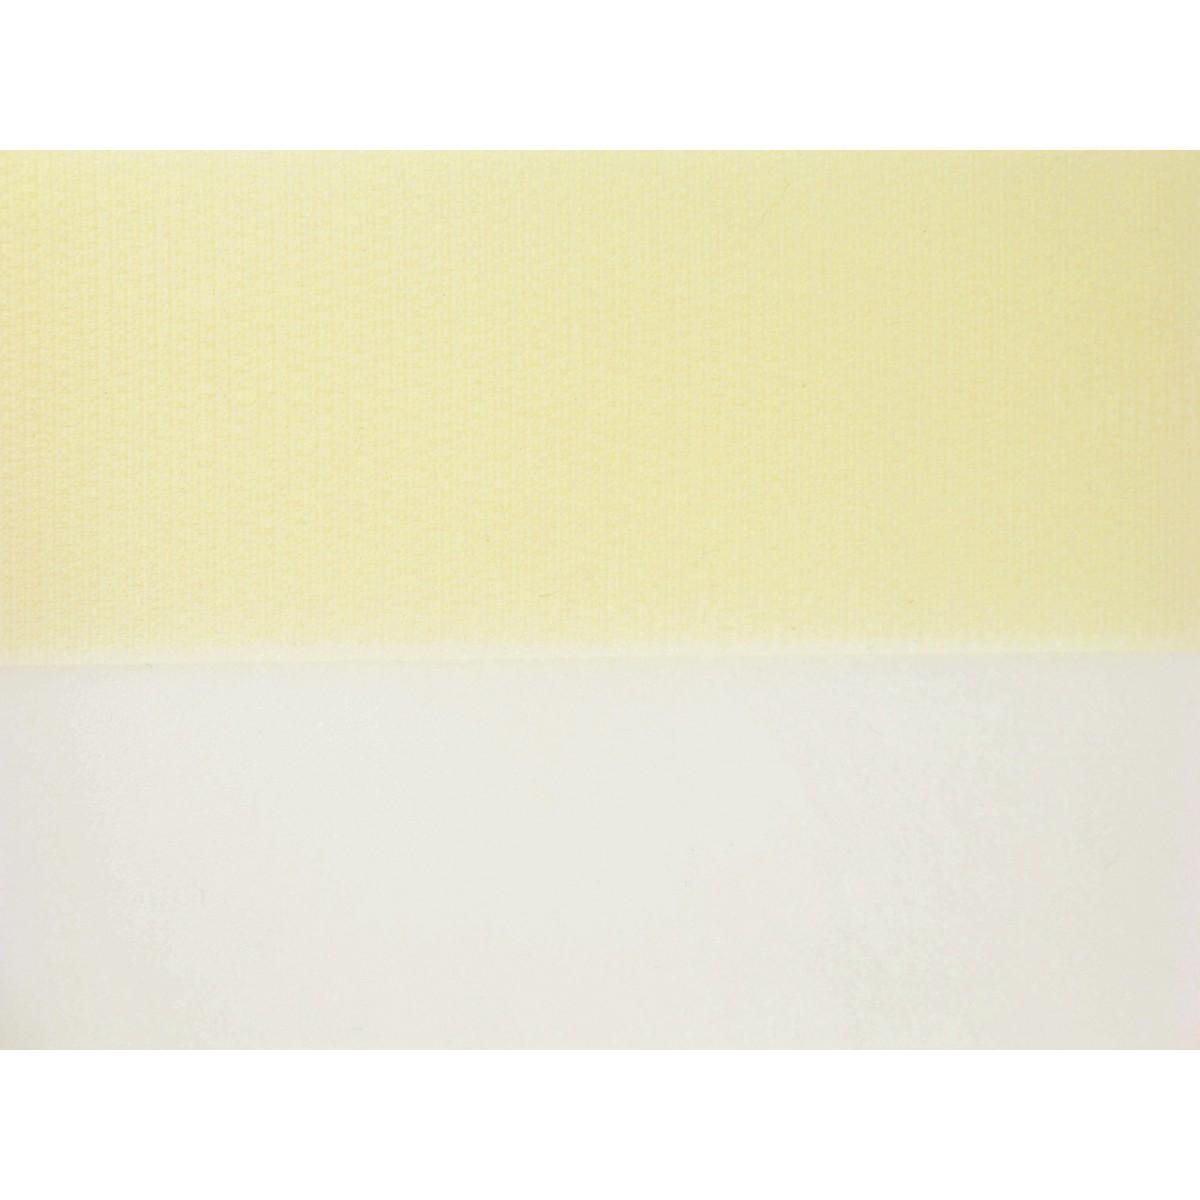 Plateau avec support agrippant Outibat - Dimensions 13 x 27 cm